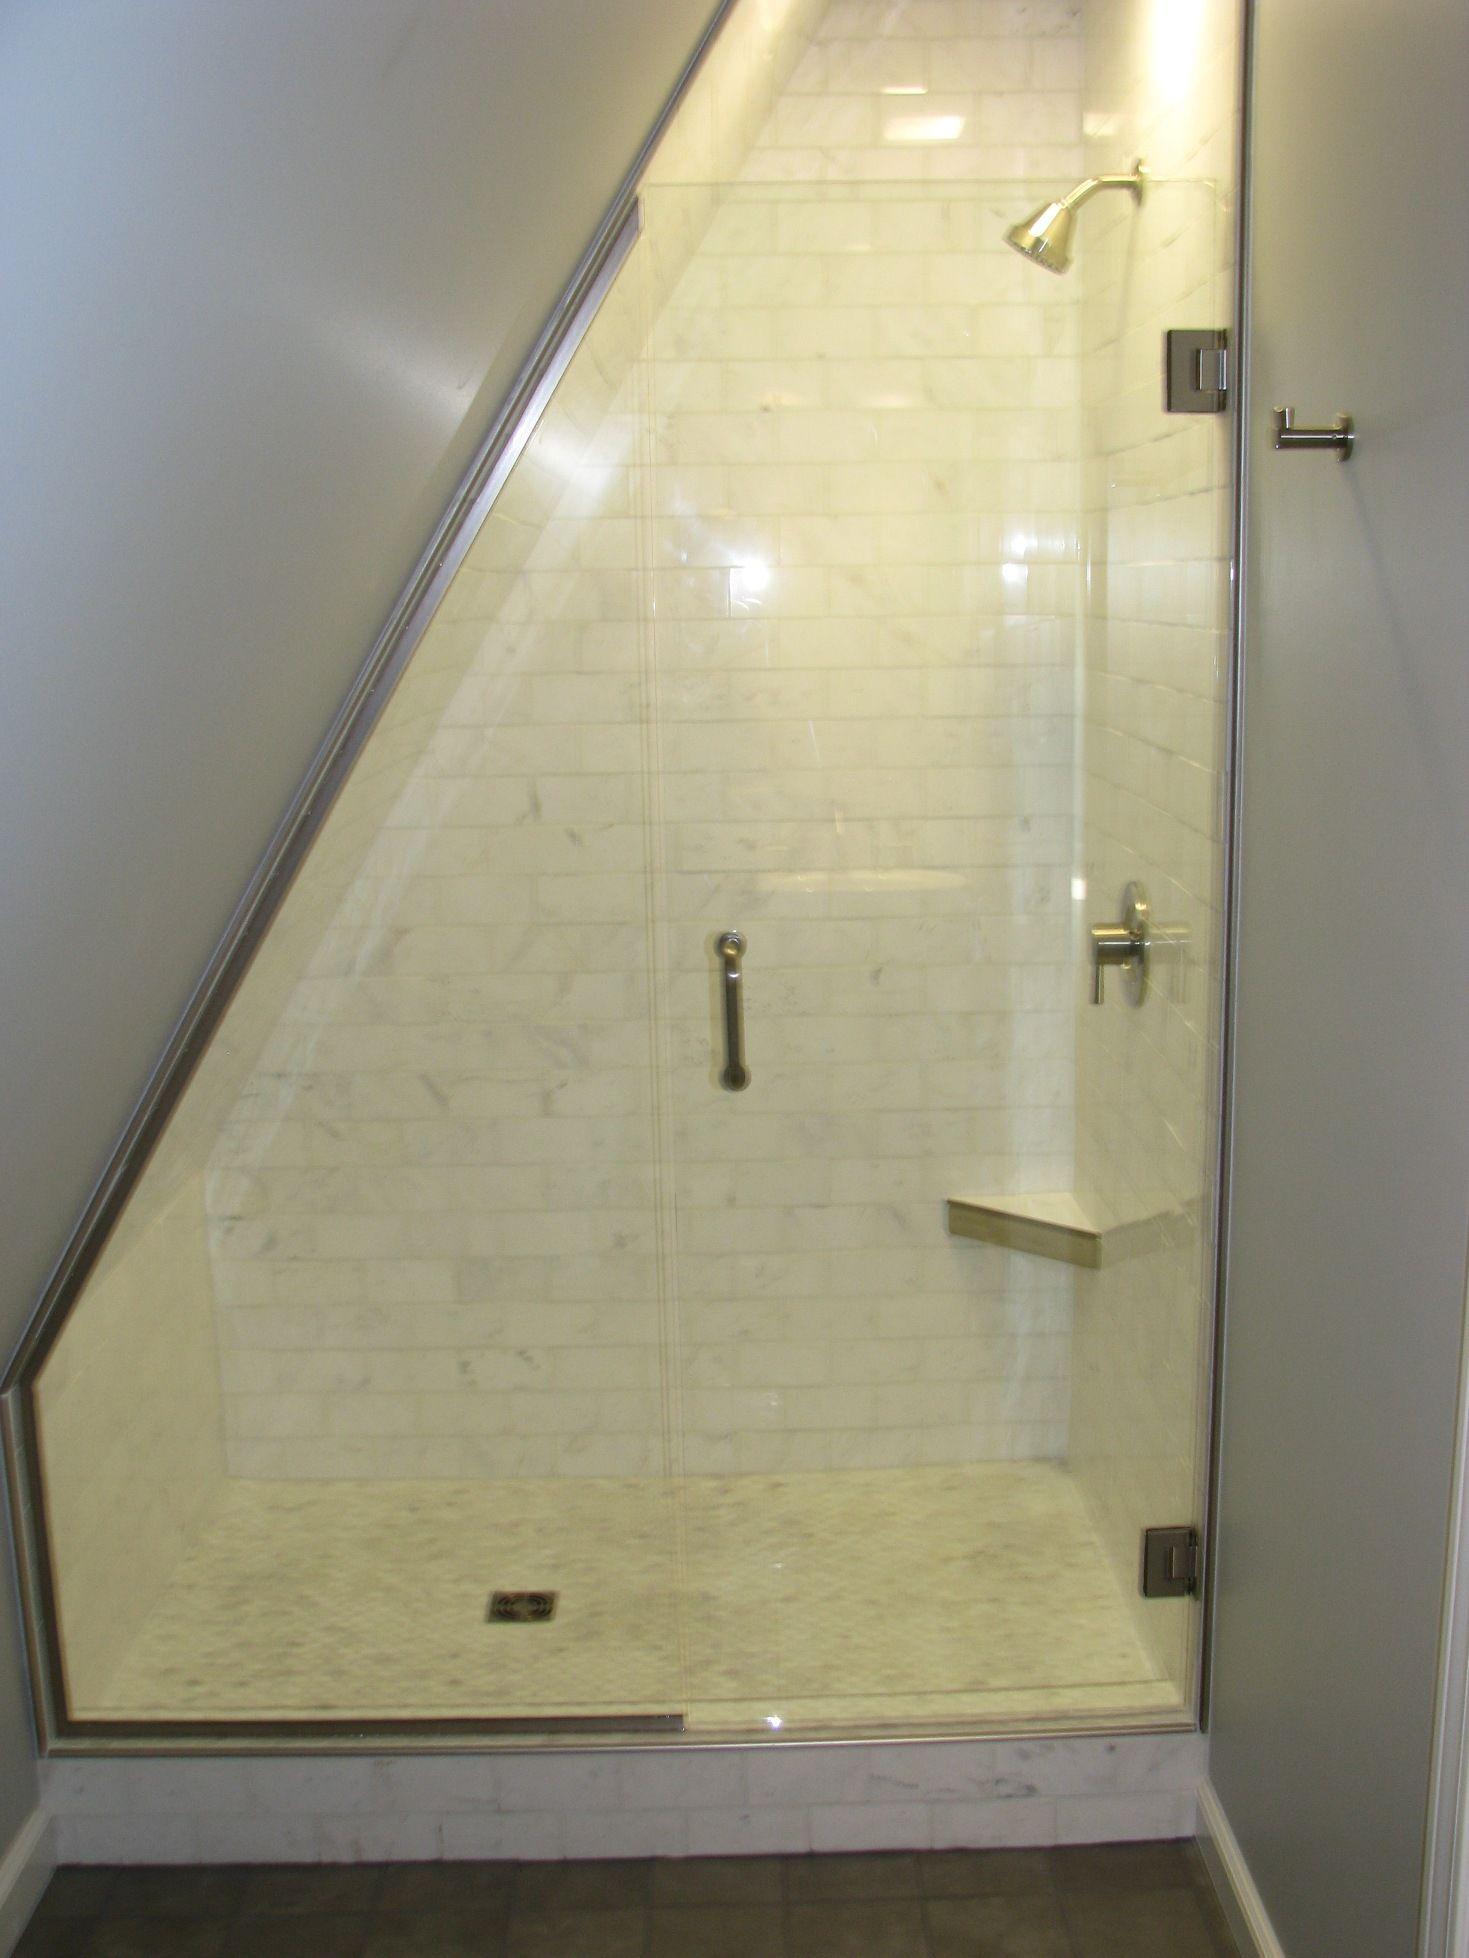 Bad im Dachboden #dusche , #badezimmer , #kleinesbad #minishower ...